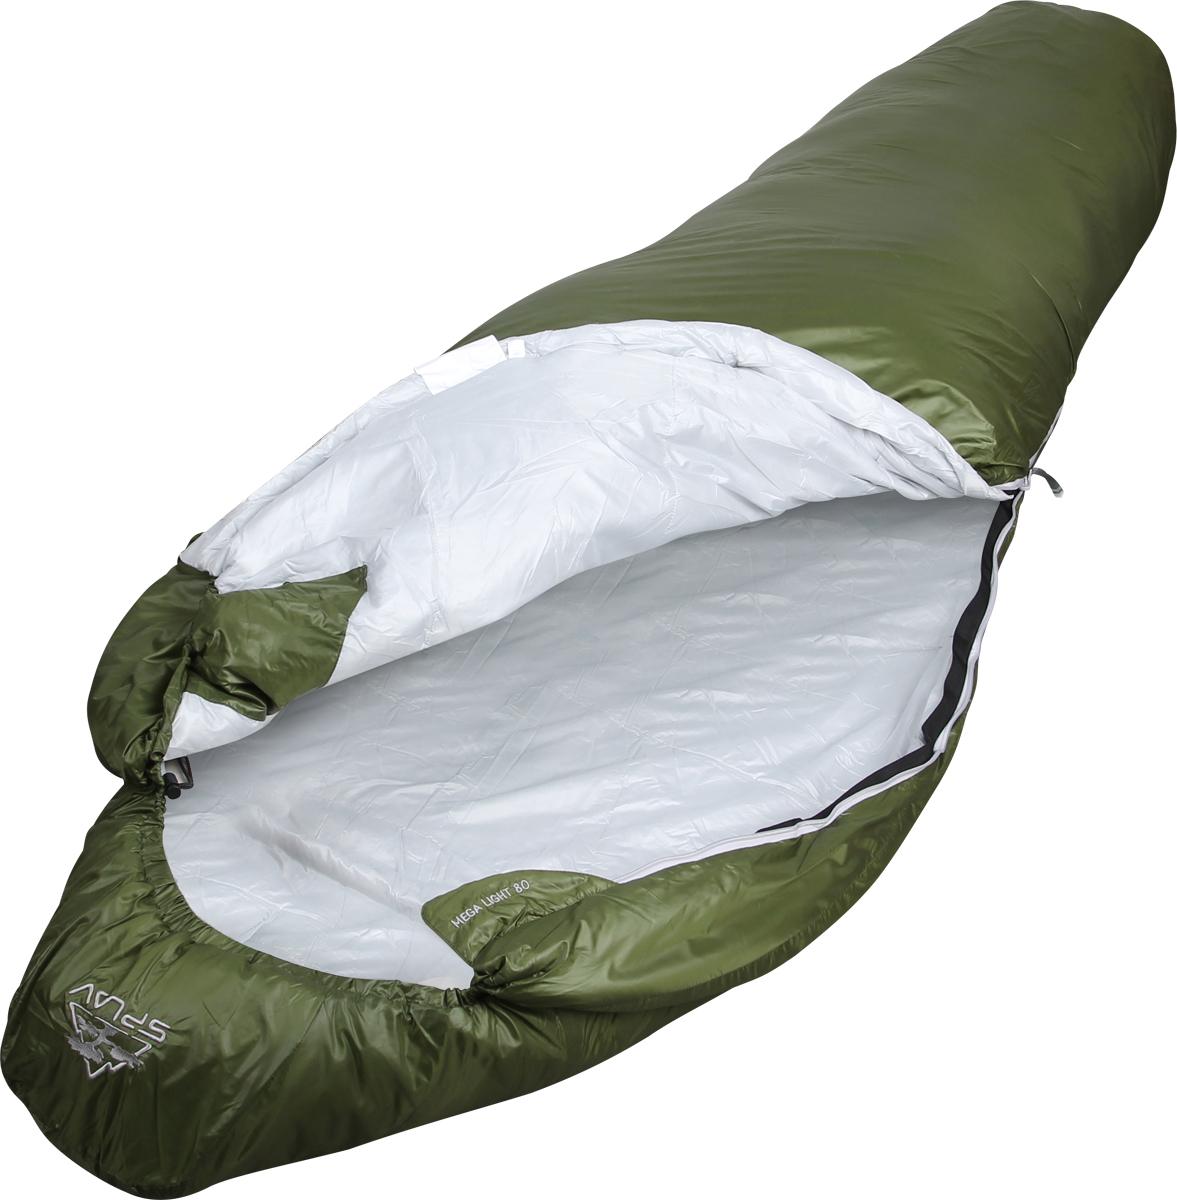 Мешок спальный Сплав Mega Light 80, правосторонняя молния, цвет: зеленый, 220 x 80 x 55 см мешок спальный сплав ranger 2 левосторонняя молния цвет зеленый 210 x 80 x 55 см